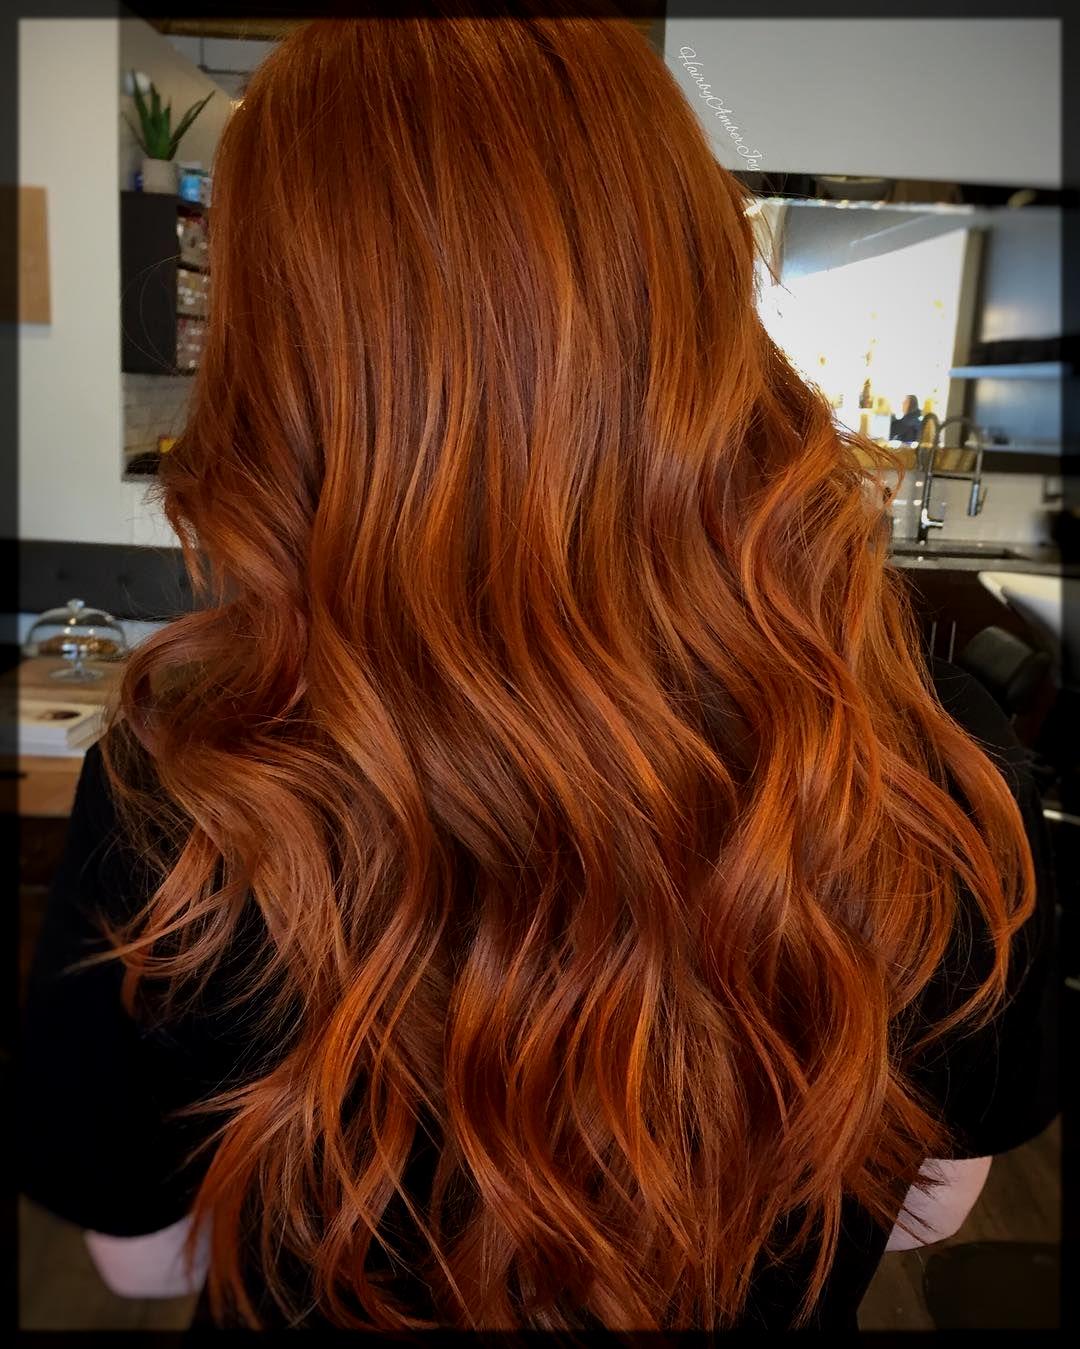 Copper shimmer hair color